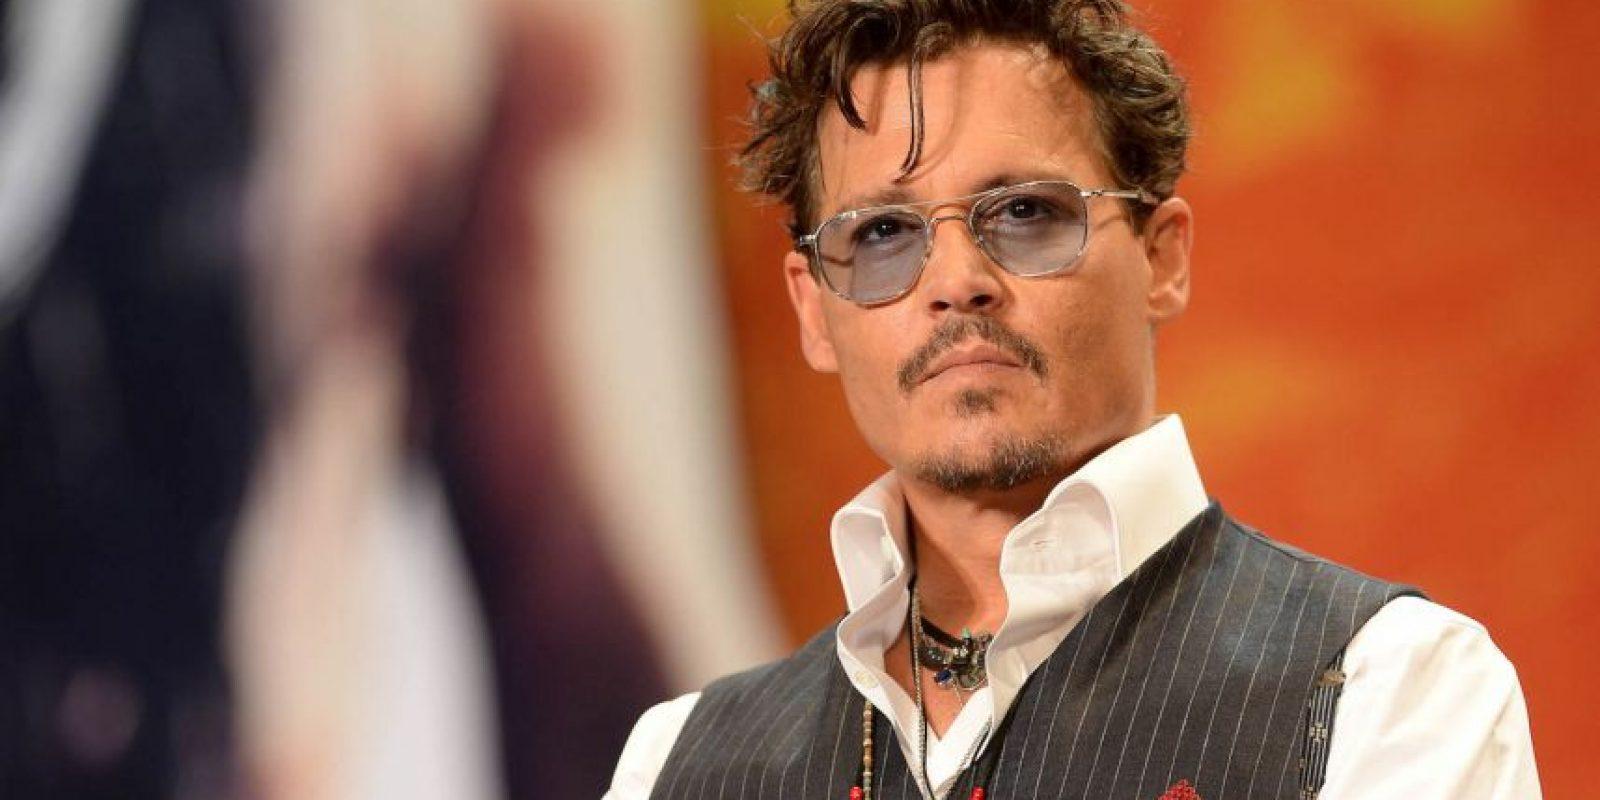 """El actor es catalogado como """"camaleónico"""" por sus cambios tan radicales que ha subido para sus personajes Foto:Getty Images"""